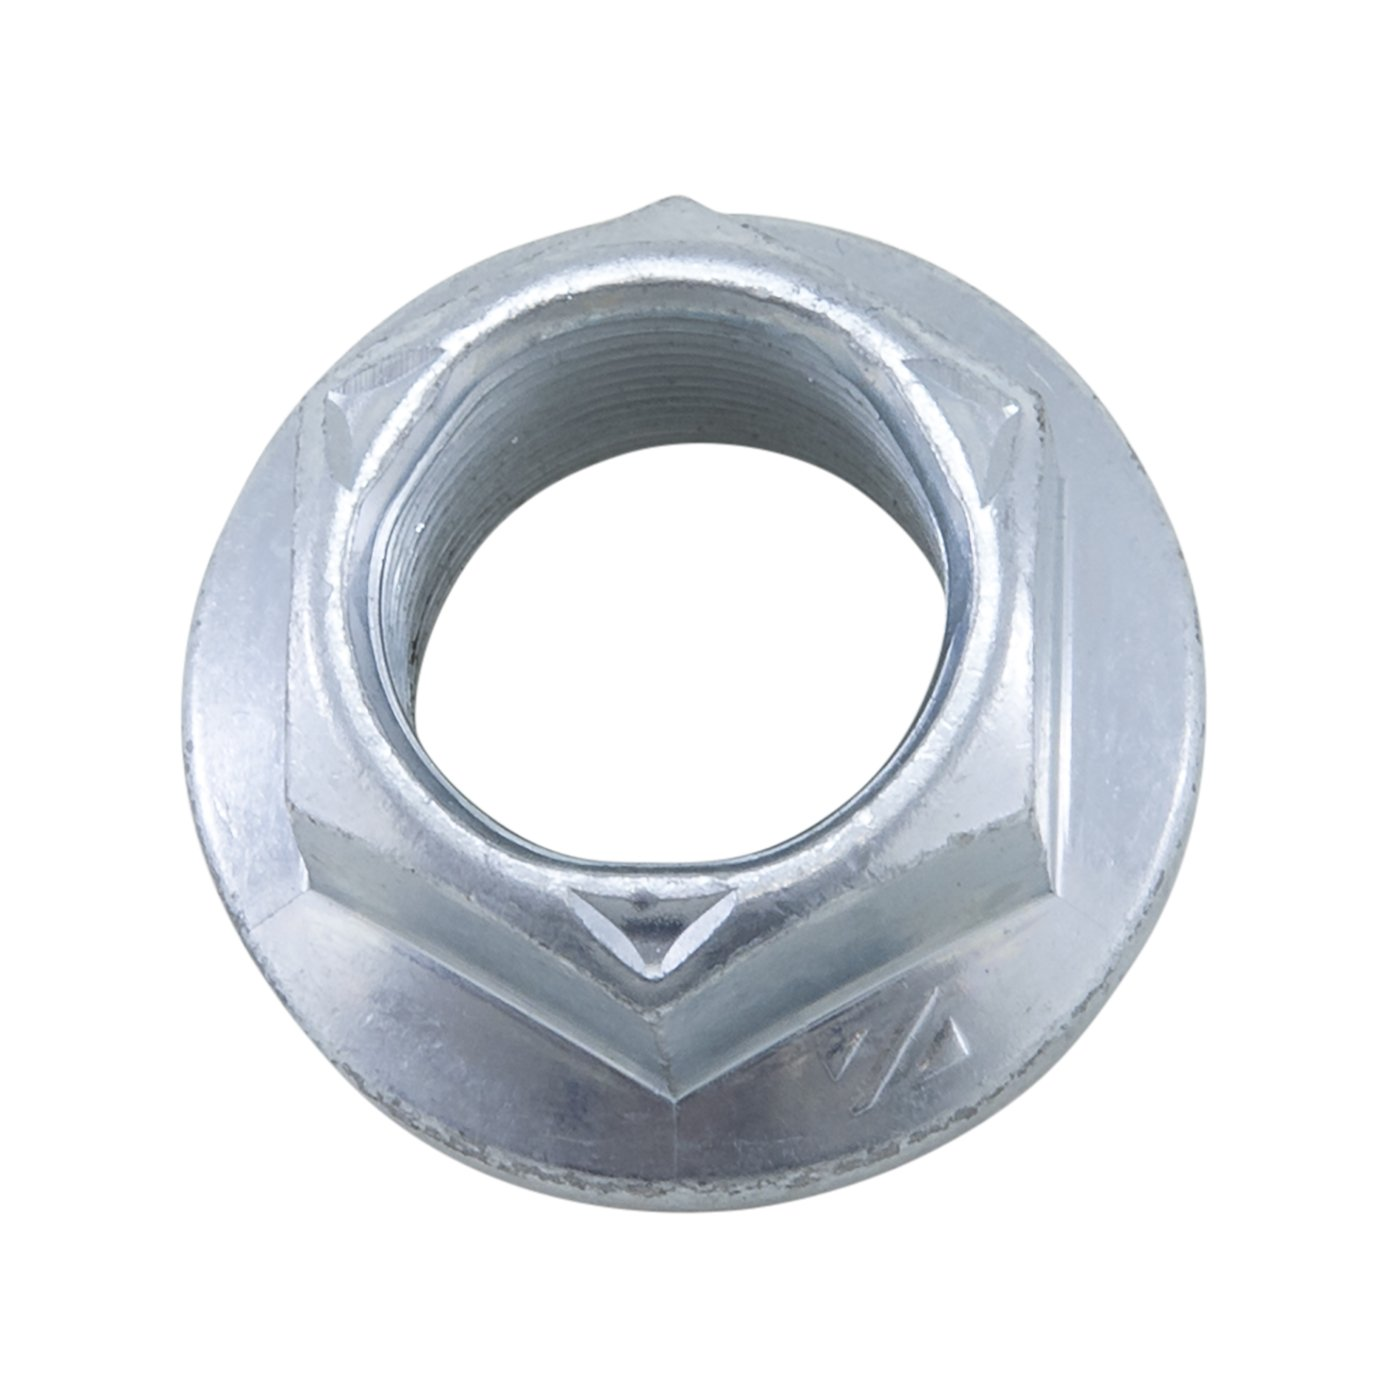 Yukon Gear & Axle (YSPPN-012) 7/8-20 Thread 1-1/8 Socket Replacement Pinion Nut by Yukon Gear (Image #1)